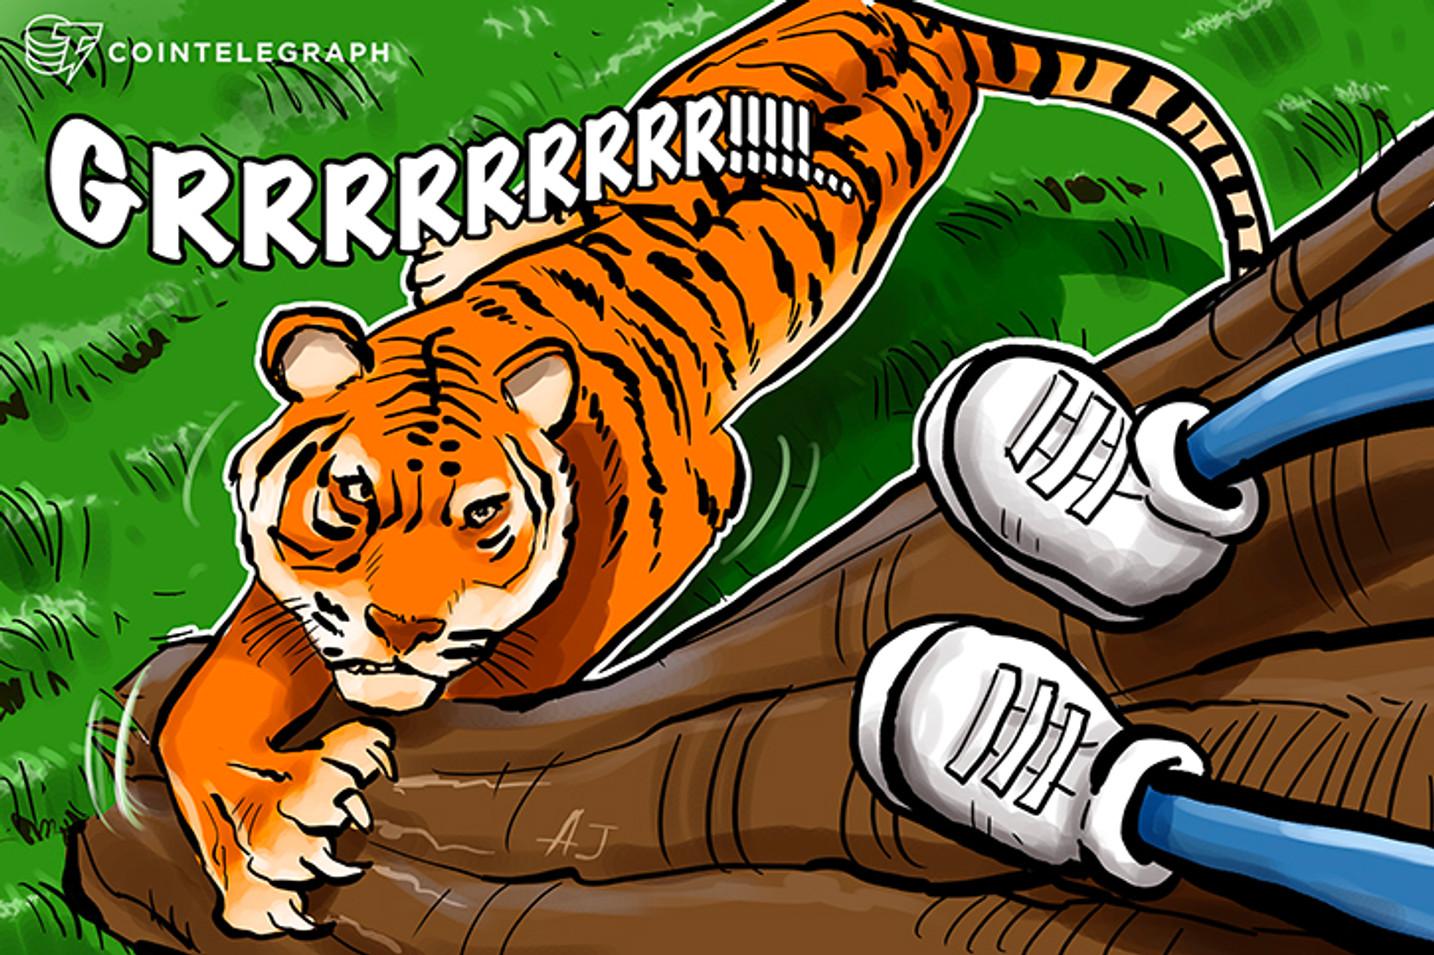 インド主要銀行が仮想通貨取引口座の封鎖や機能制限を実施